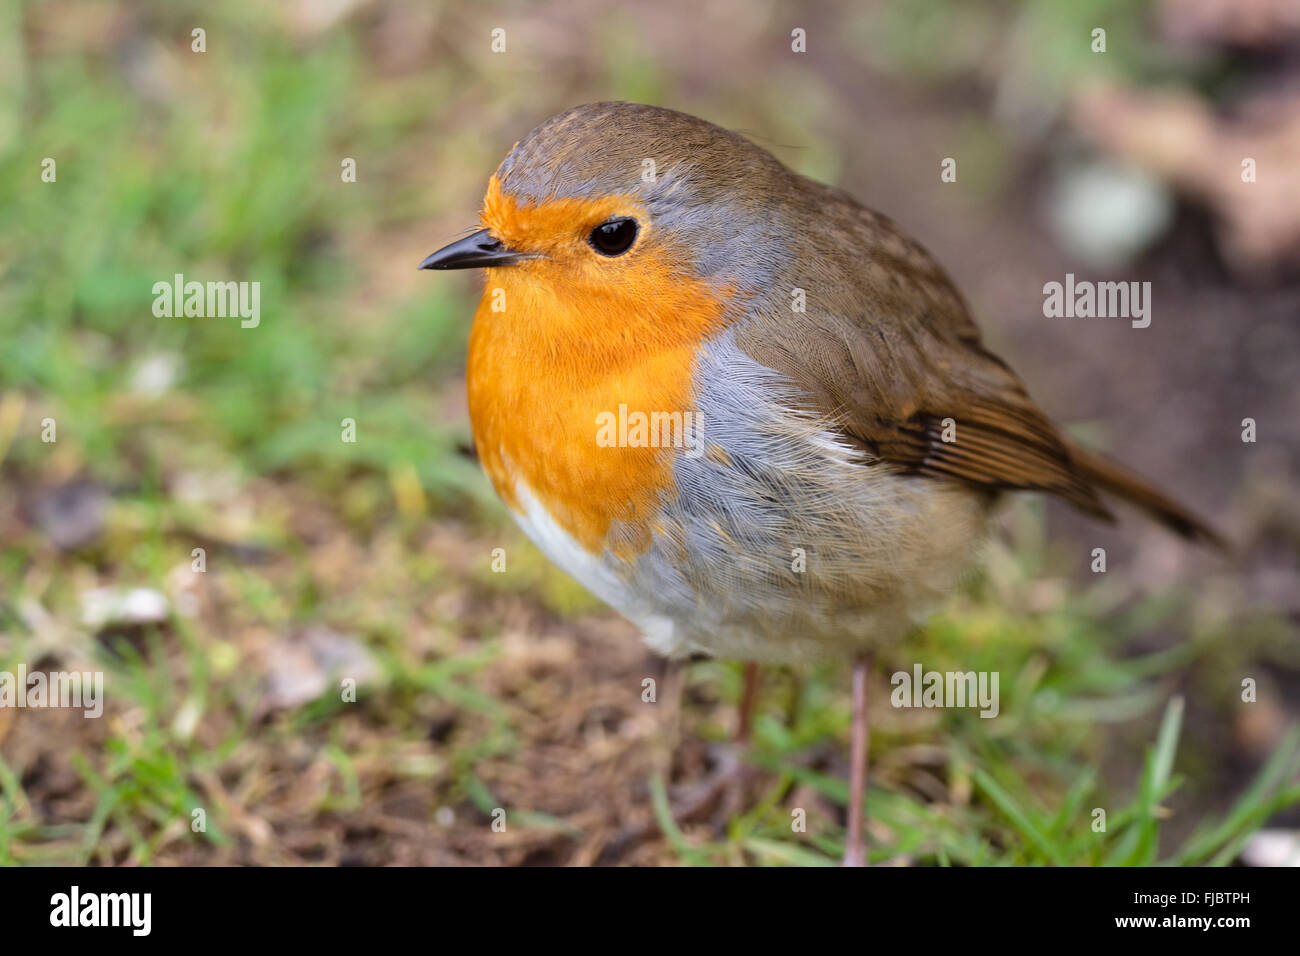 Shallow focus shot of a European robin, Erithacus rubecula, in a late winter garden - Stock Image